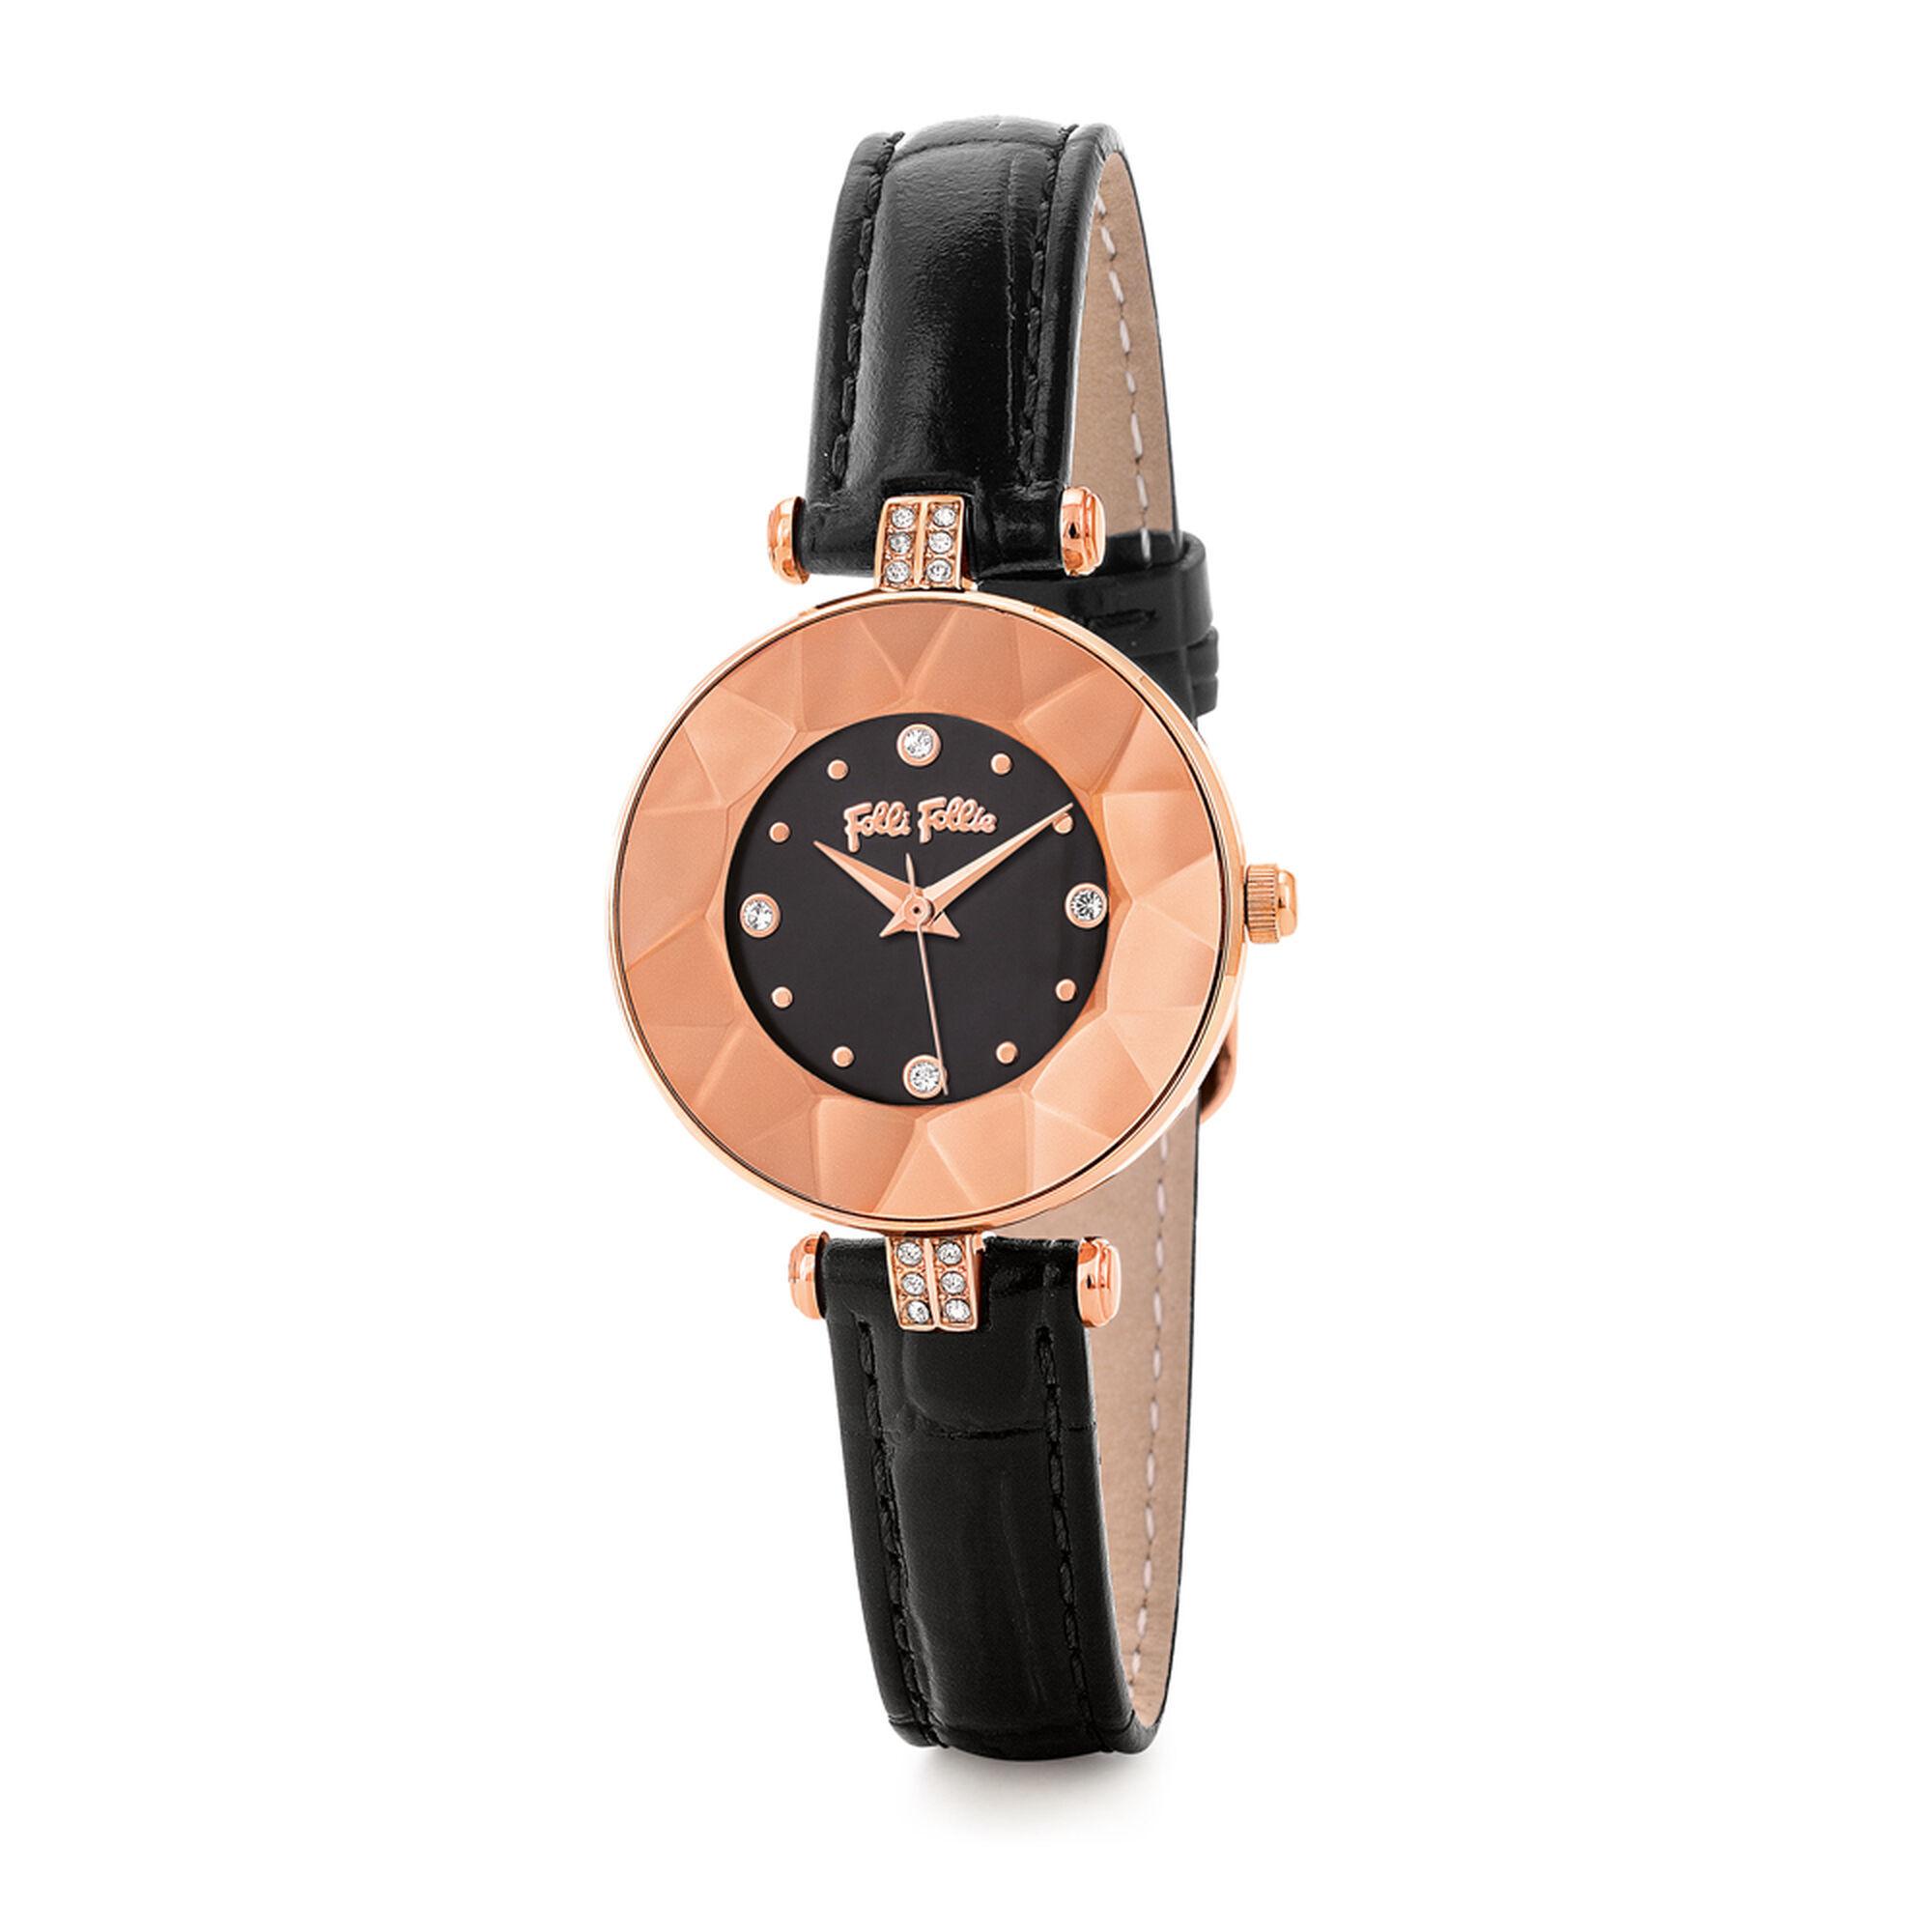 CHIC & SLEEK カットガラスウォッチ/腕時計